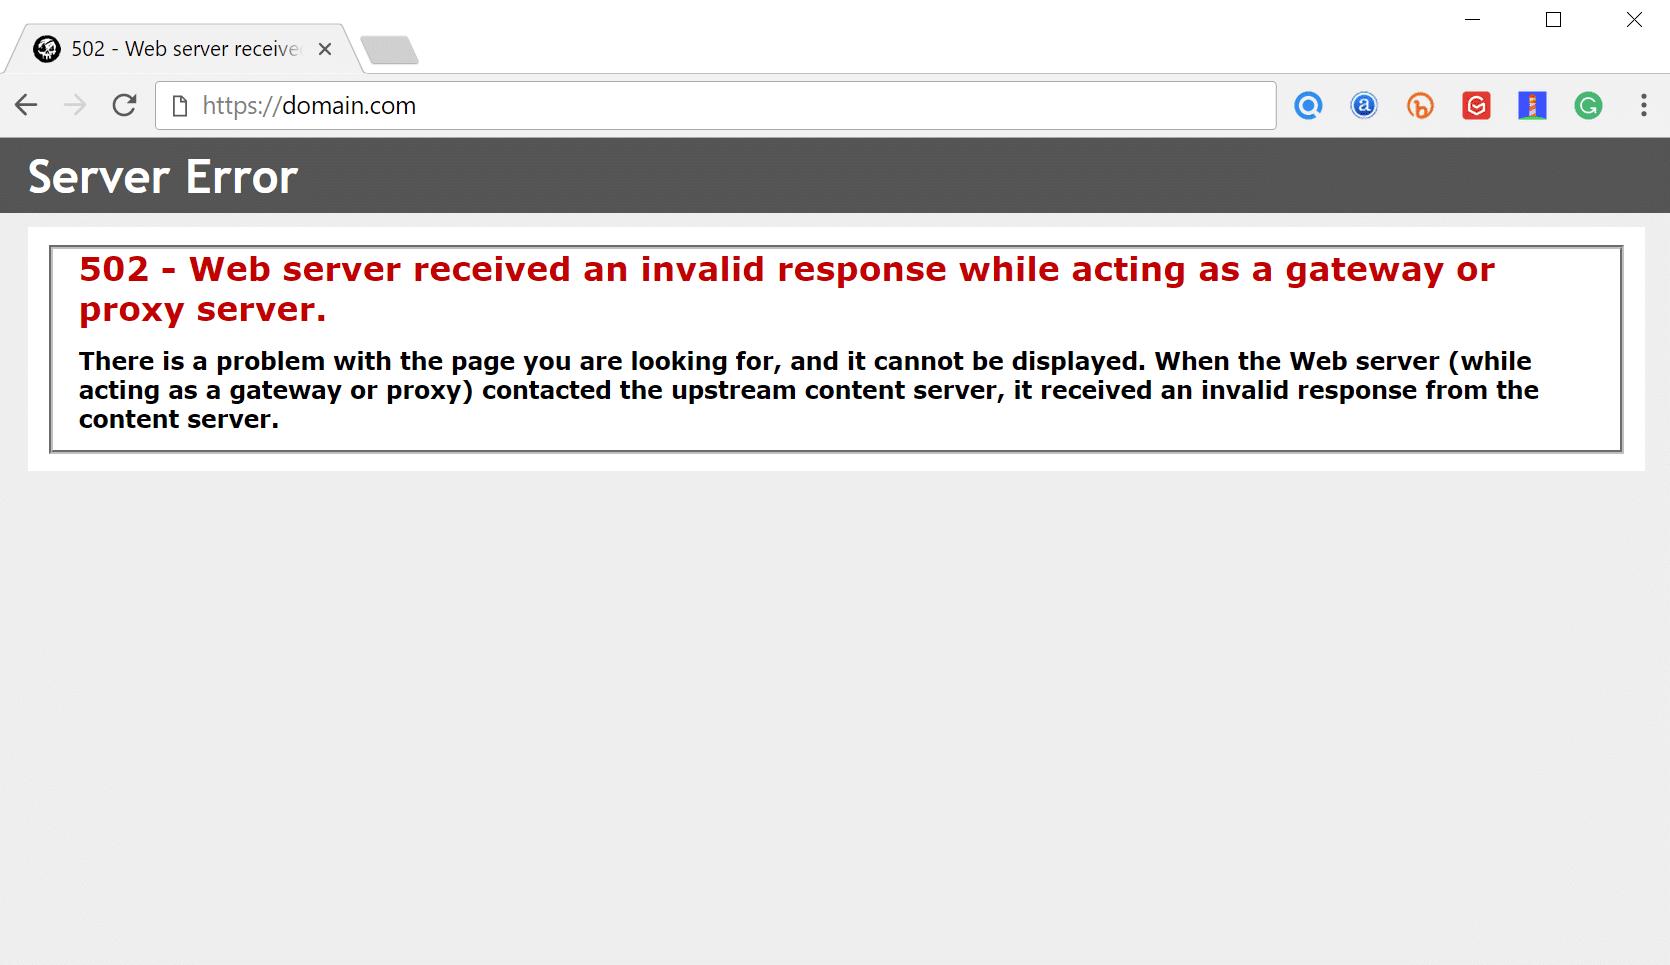 502- o servidor web recebeu uma resposta inválida